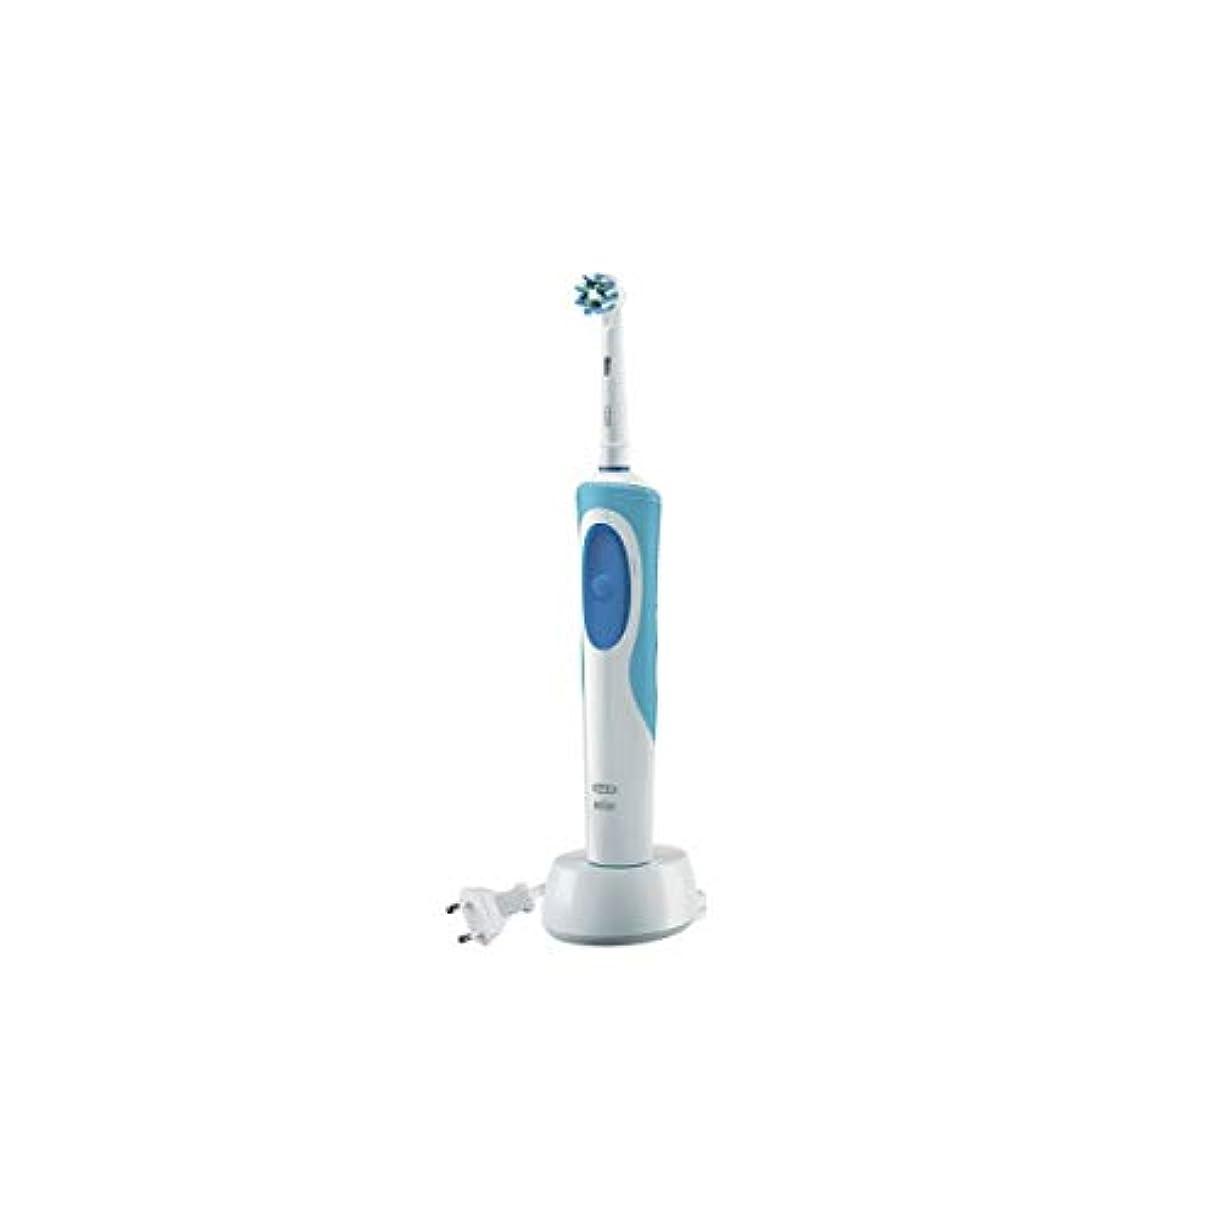 モジュール統計学んだOral B Vitality Cross Action Electric Toothbrush [並行輸入品]